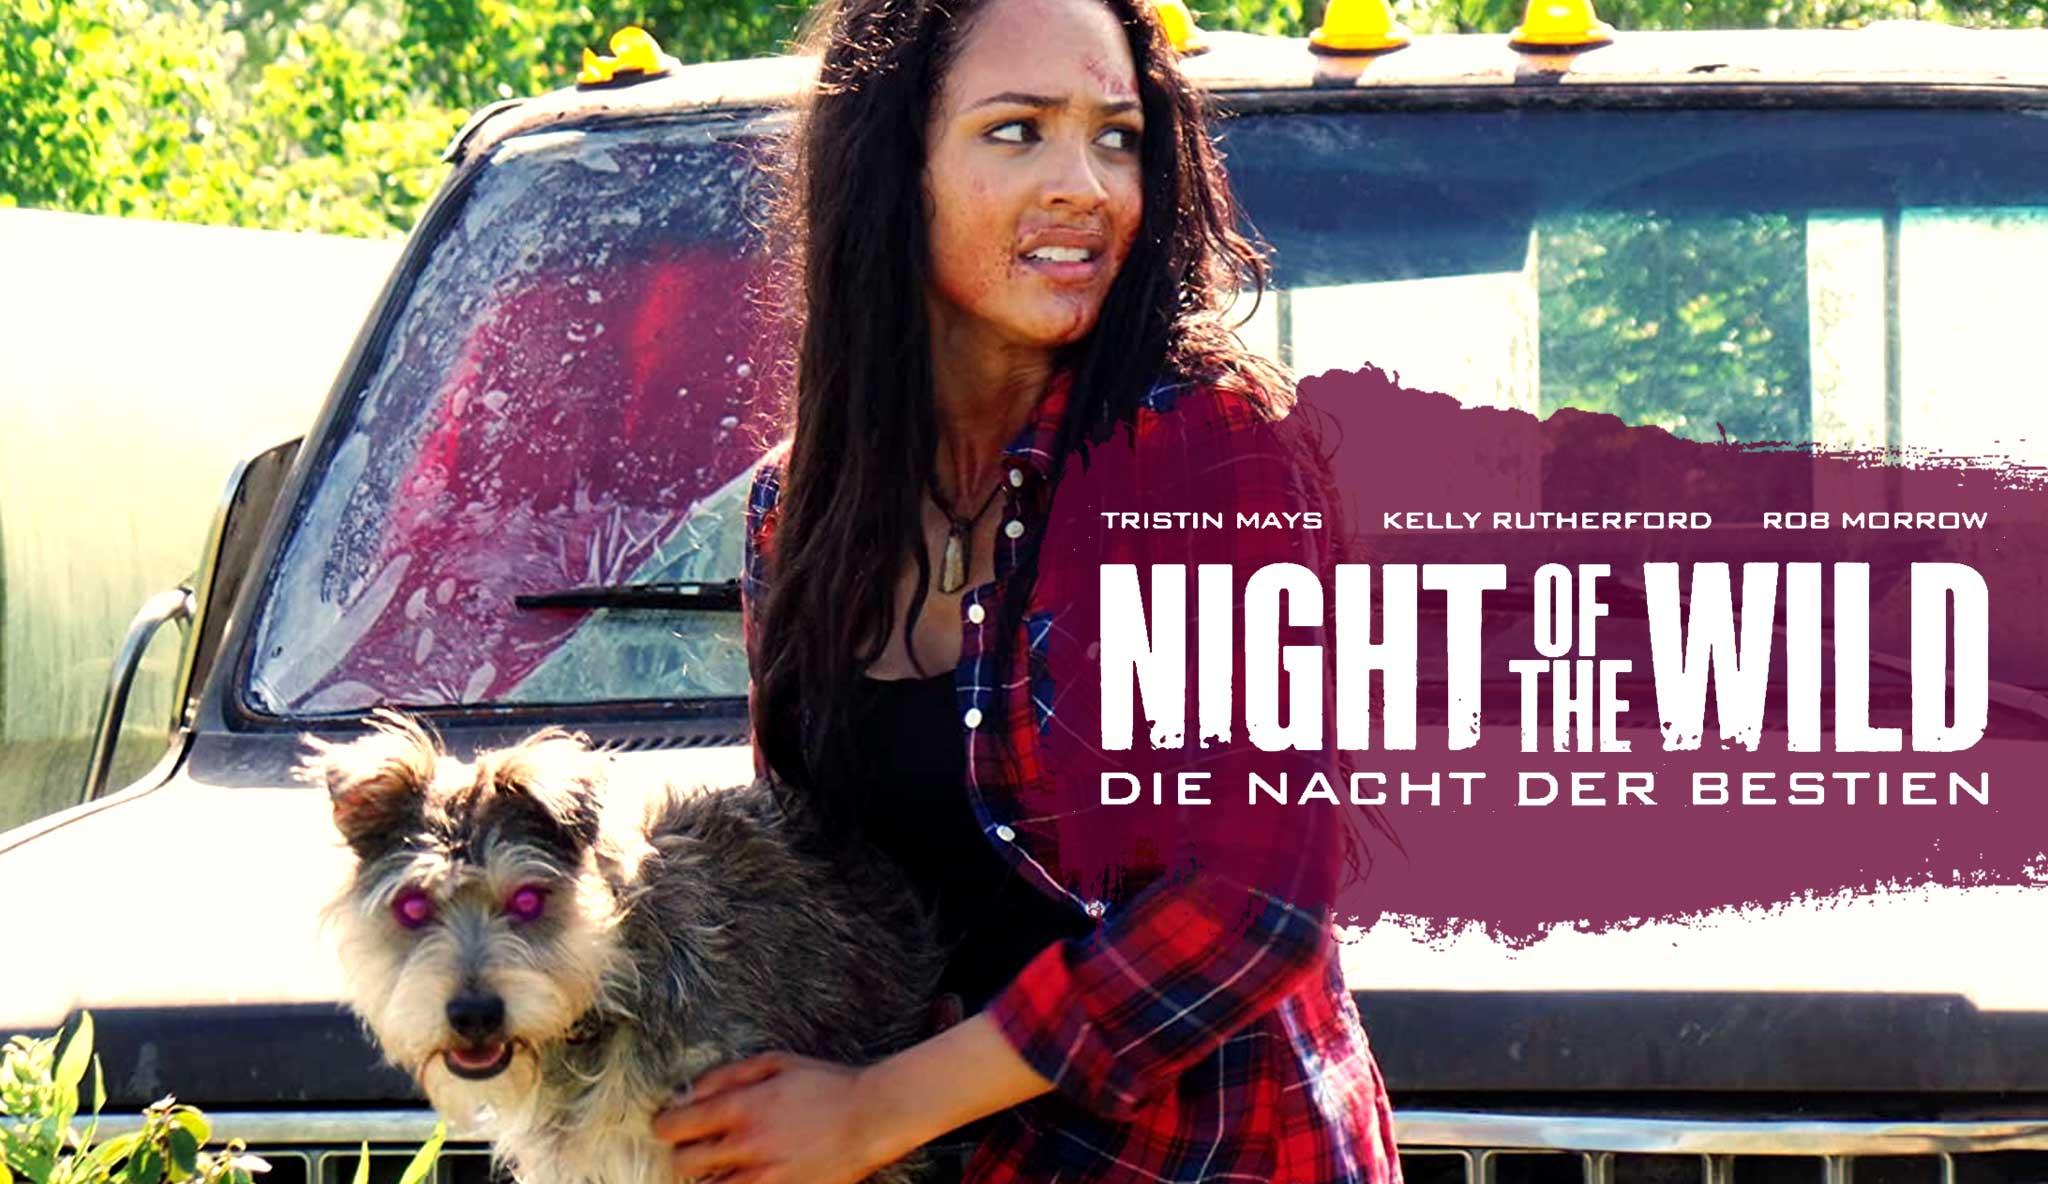 night-of-the-wild-die-nacht-der-bestien\header.jpg